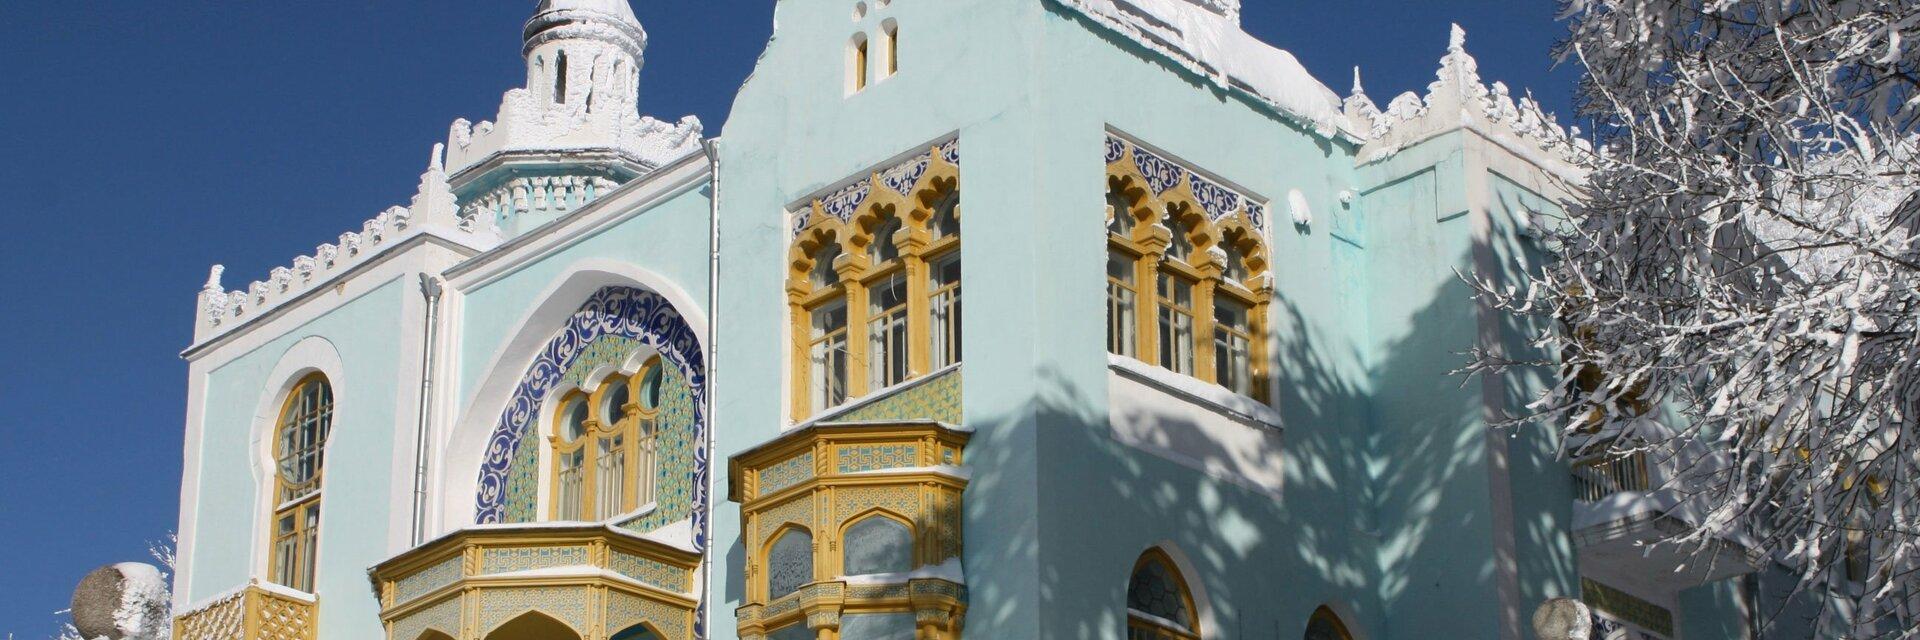 Поиск отелей в Железноводске